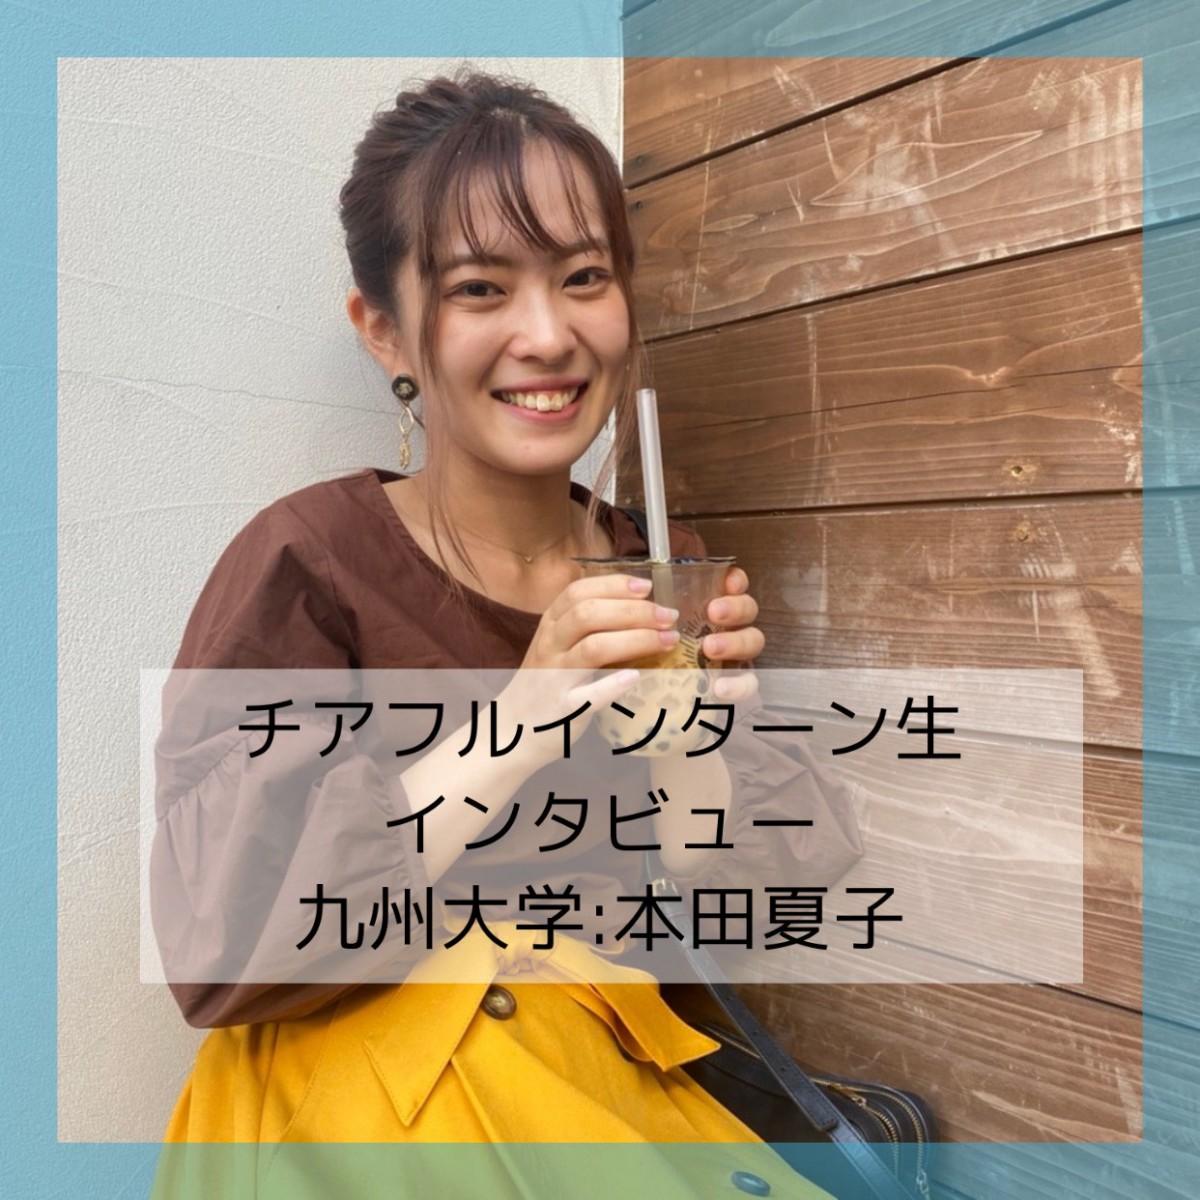 【21卒:九州大学】他人の成長を心から喜べるようになりました。